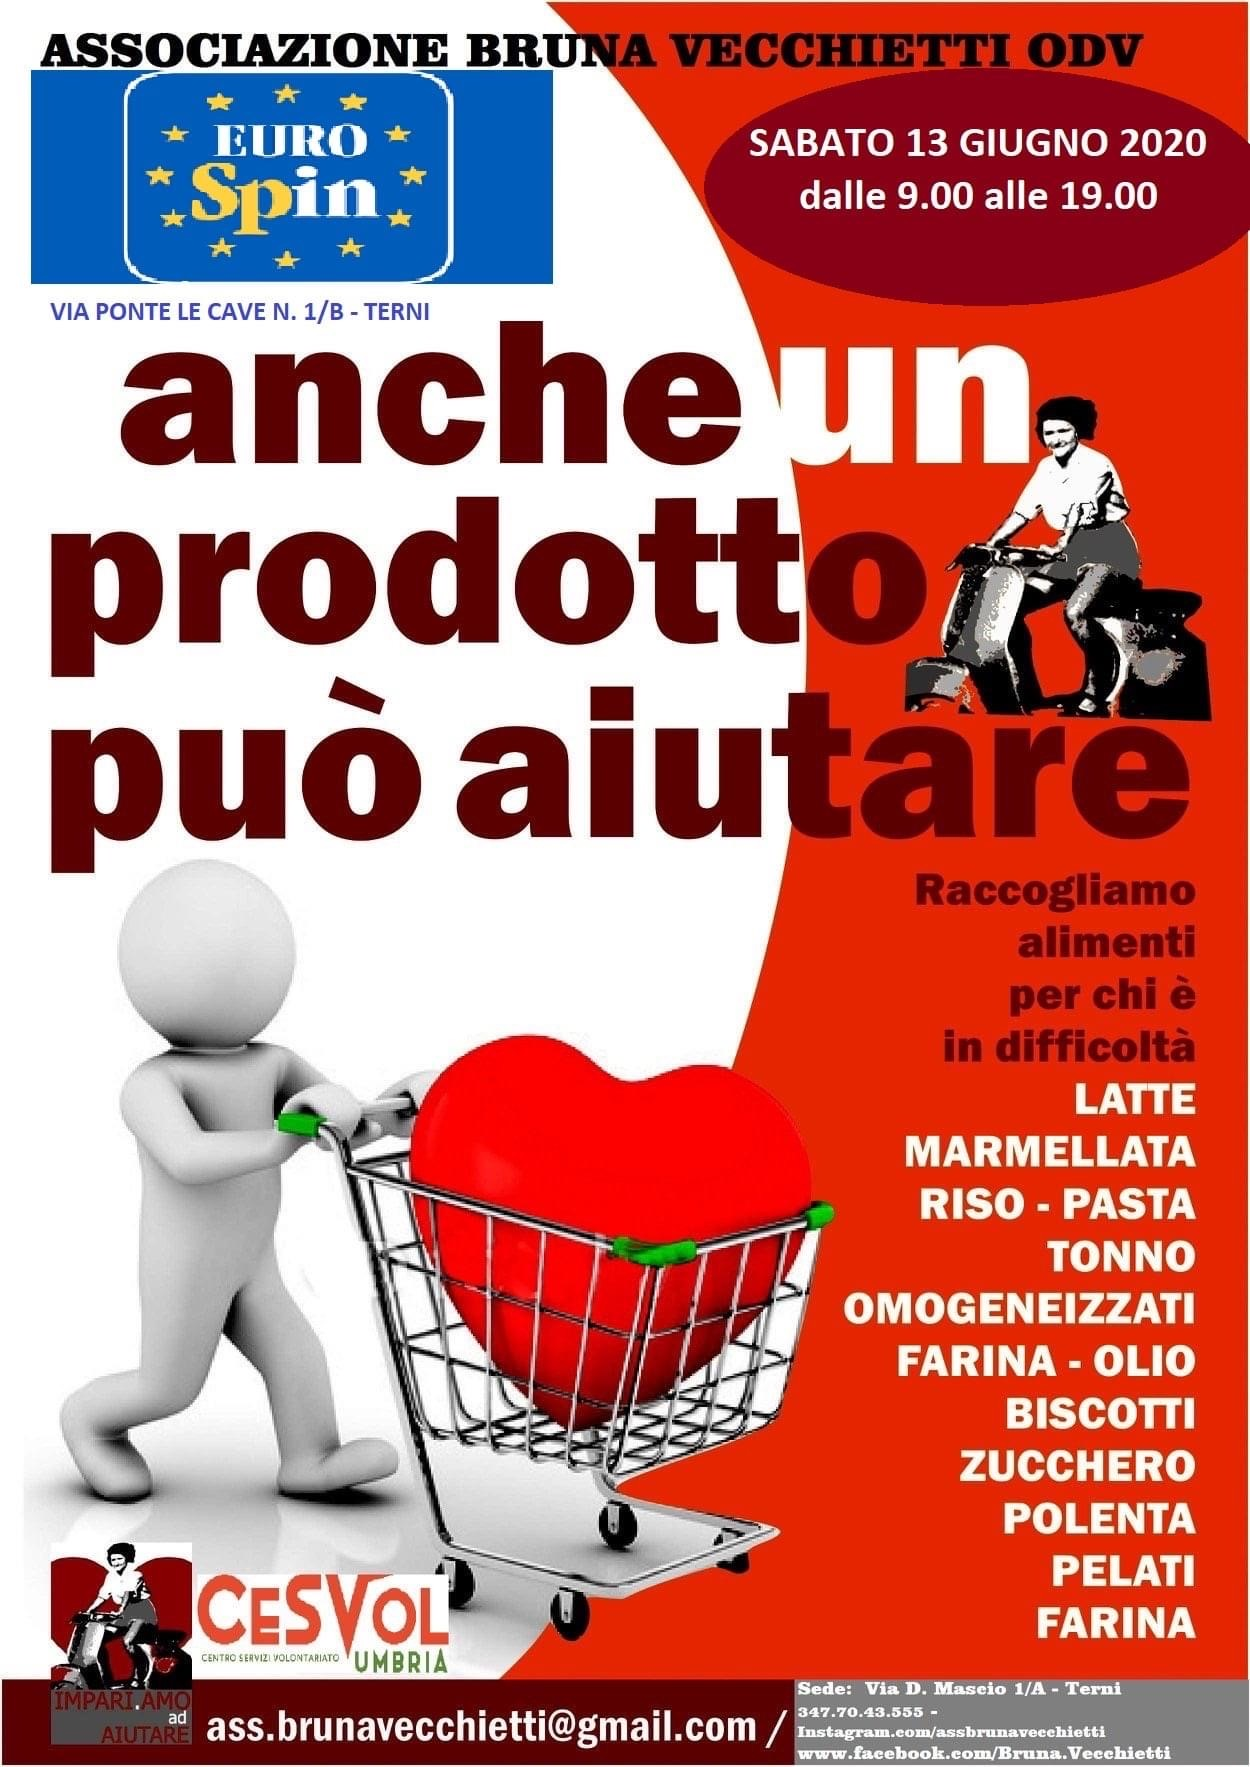 L'associazione Bruna Vecchietti organizza la raccolta alimentare per le famiglie in difficoltà